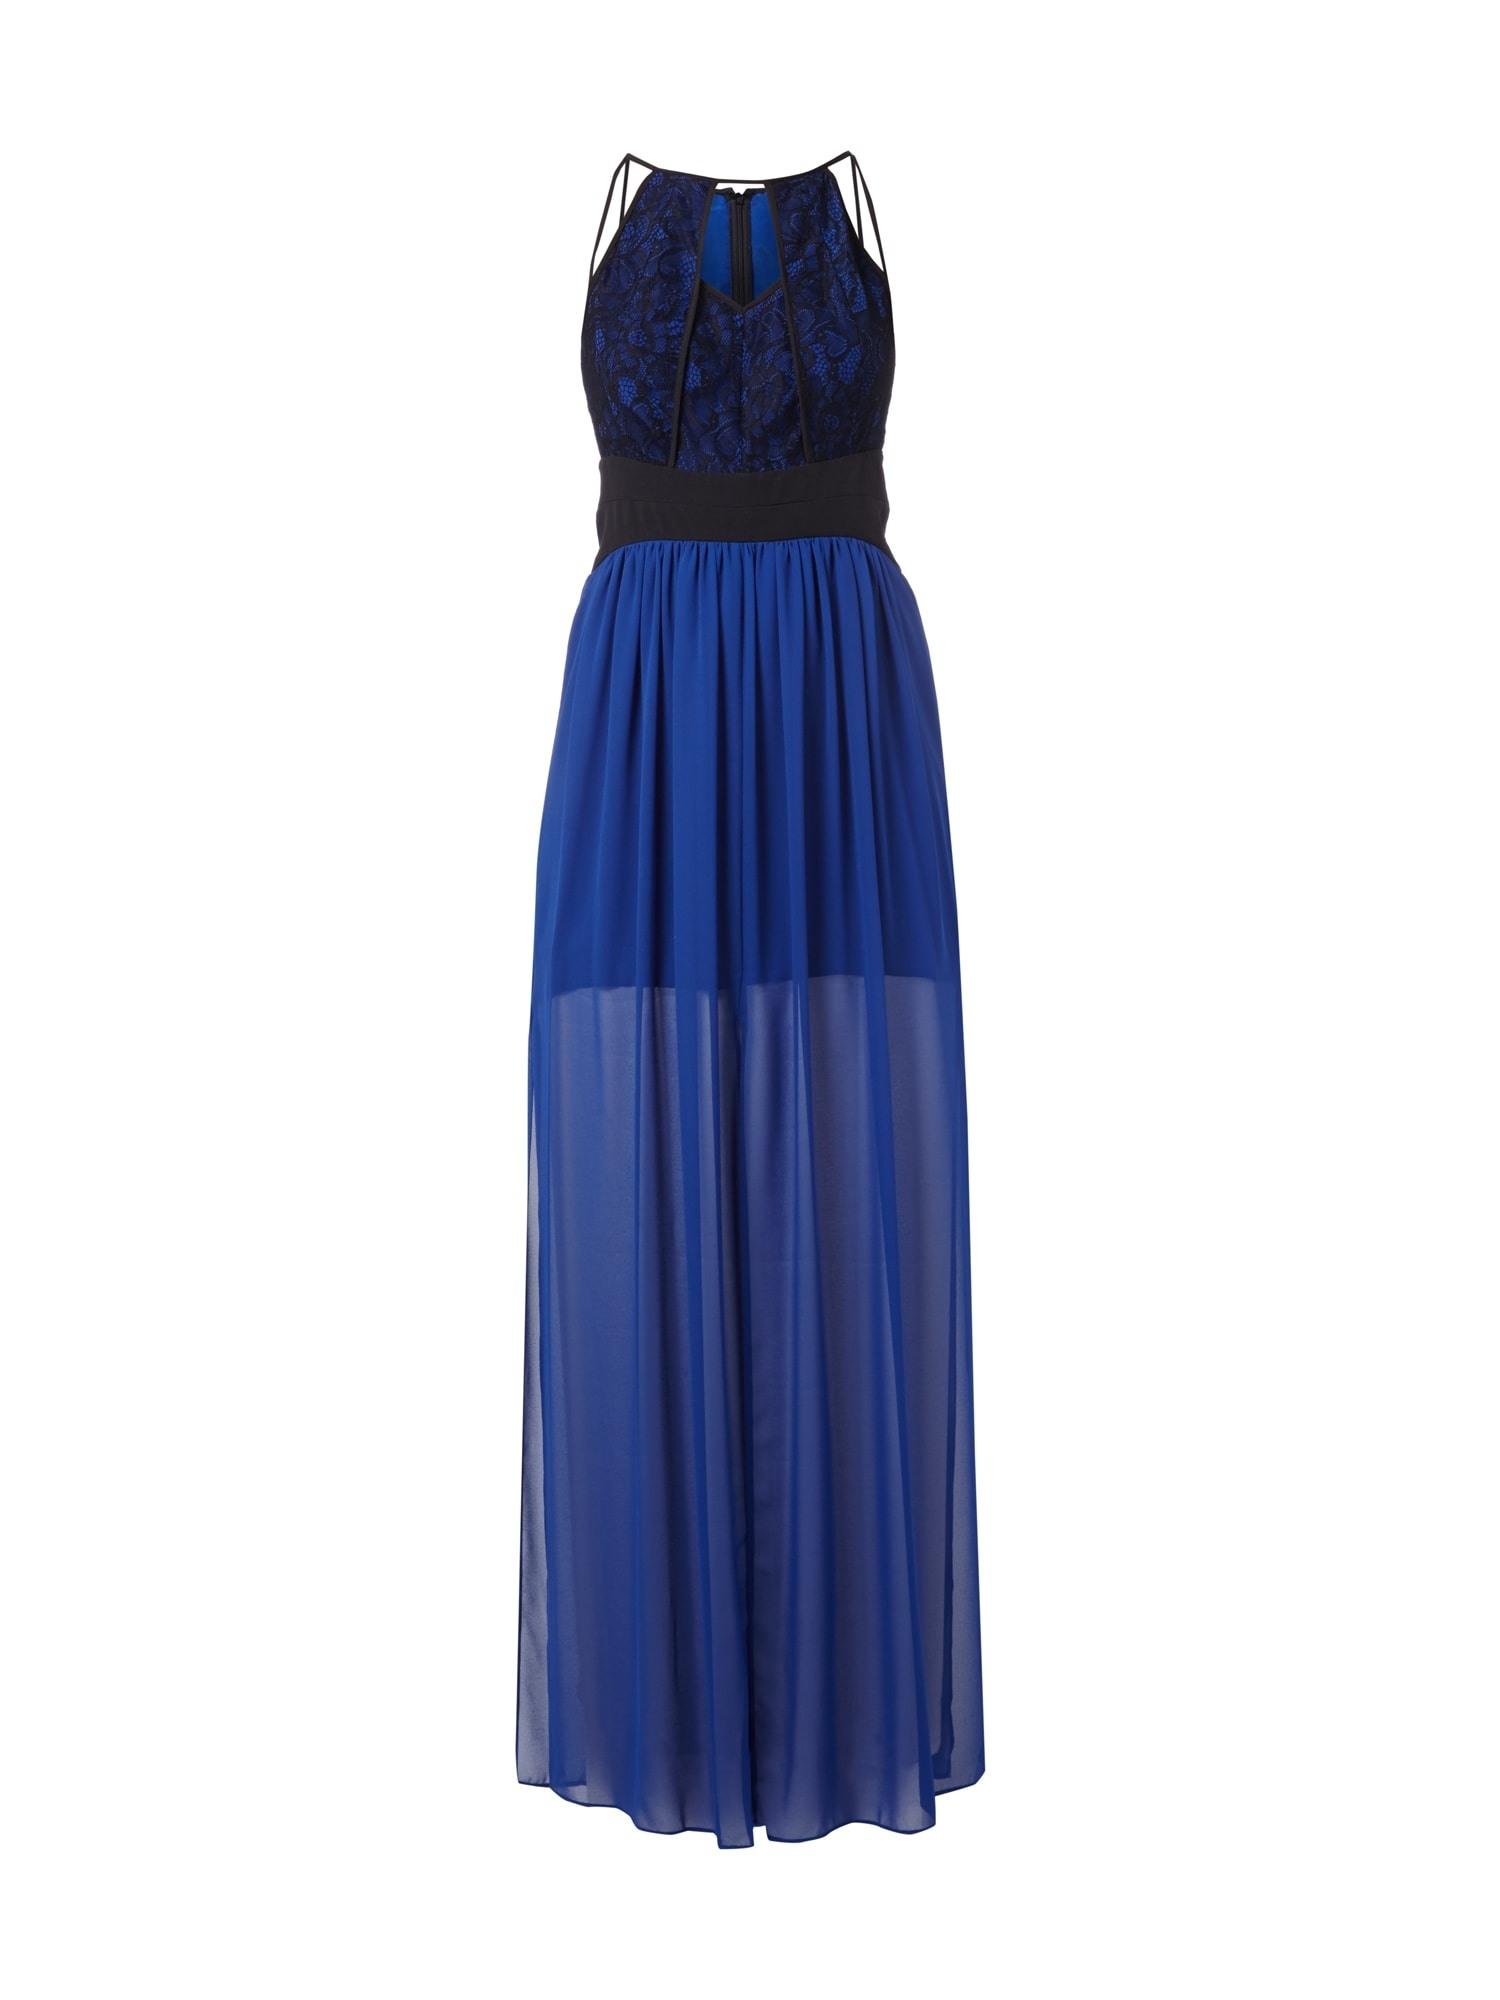 Schön Abendkleider Kaufen für 2019 Einzigartig Abendkleider Kaufen Stylish